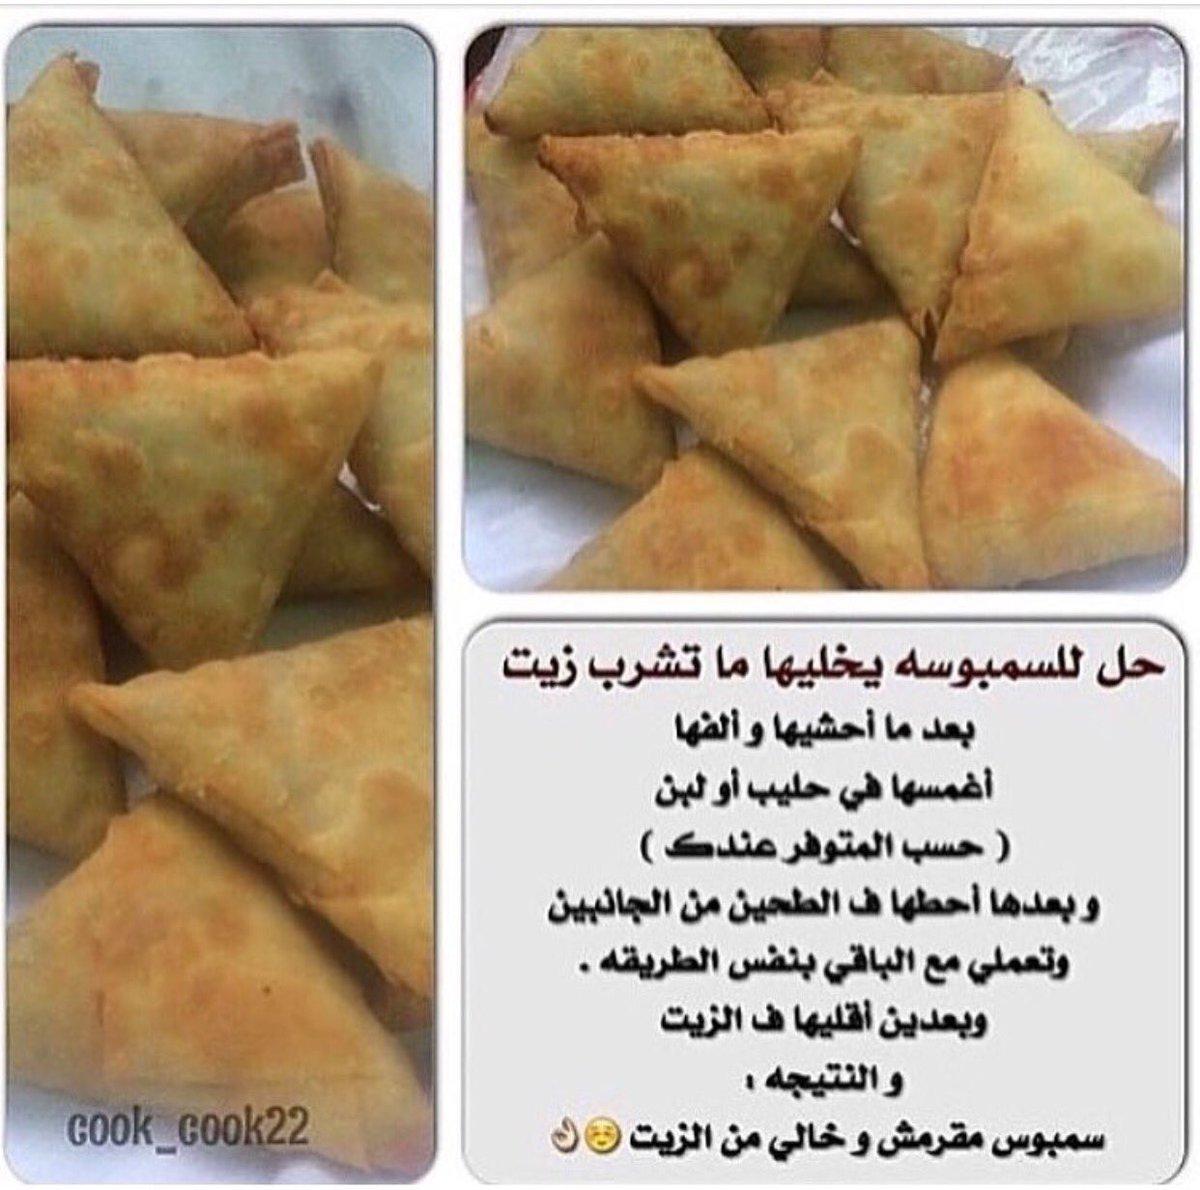 صورة طبخ رمضان 3625 8